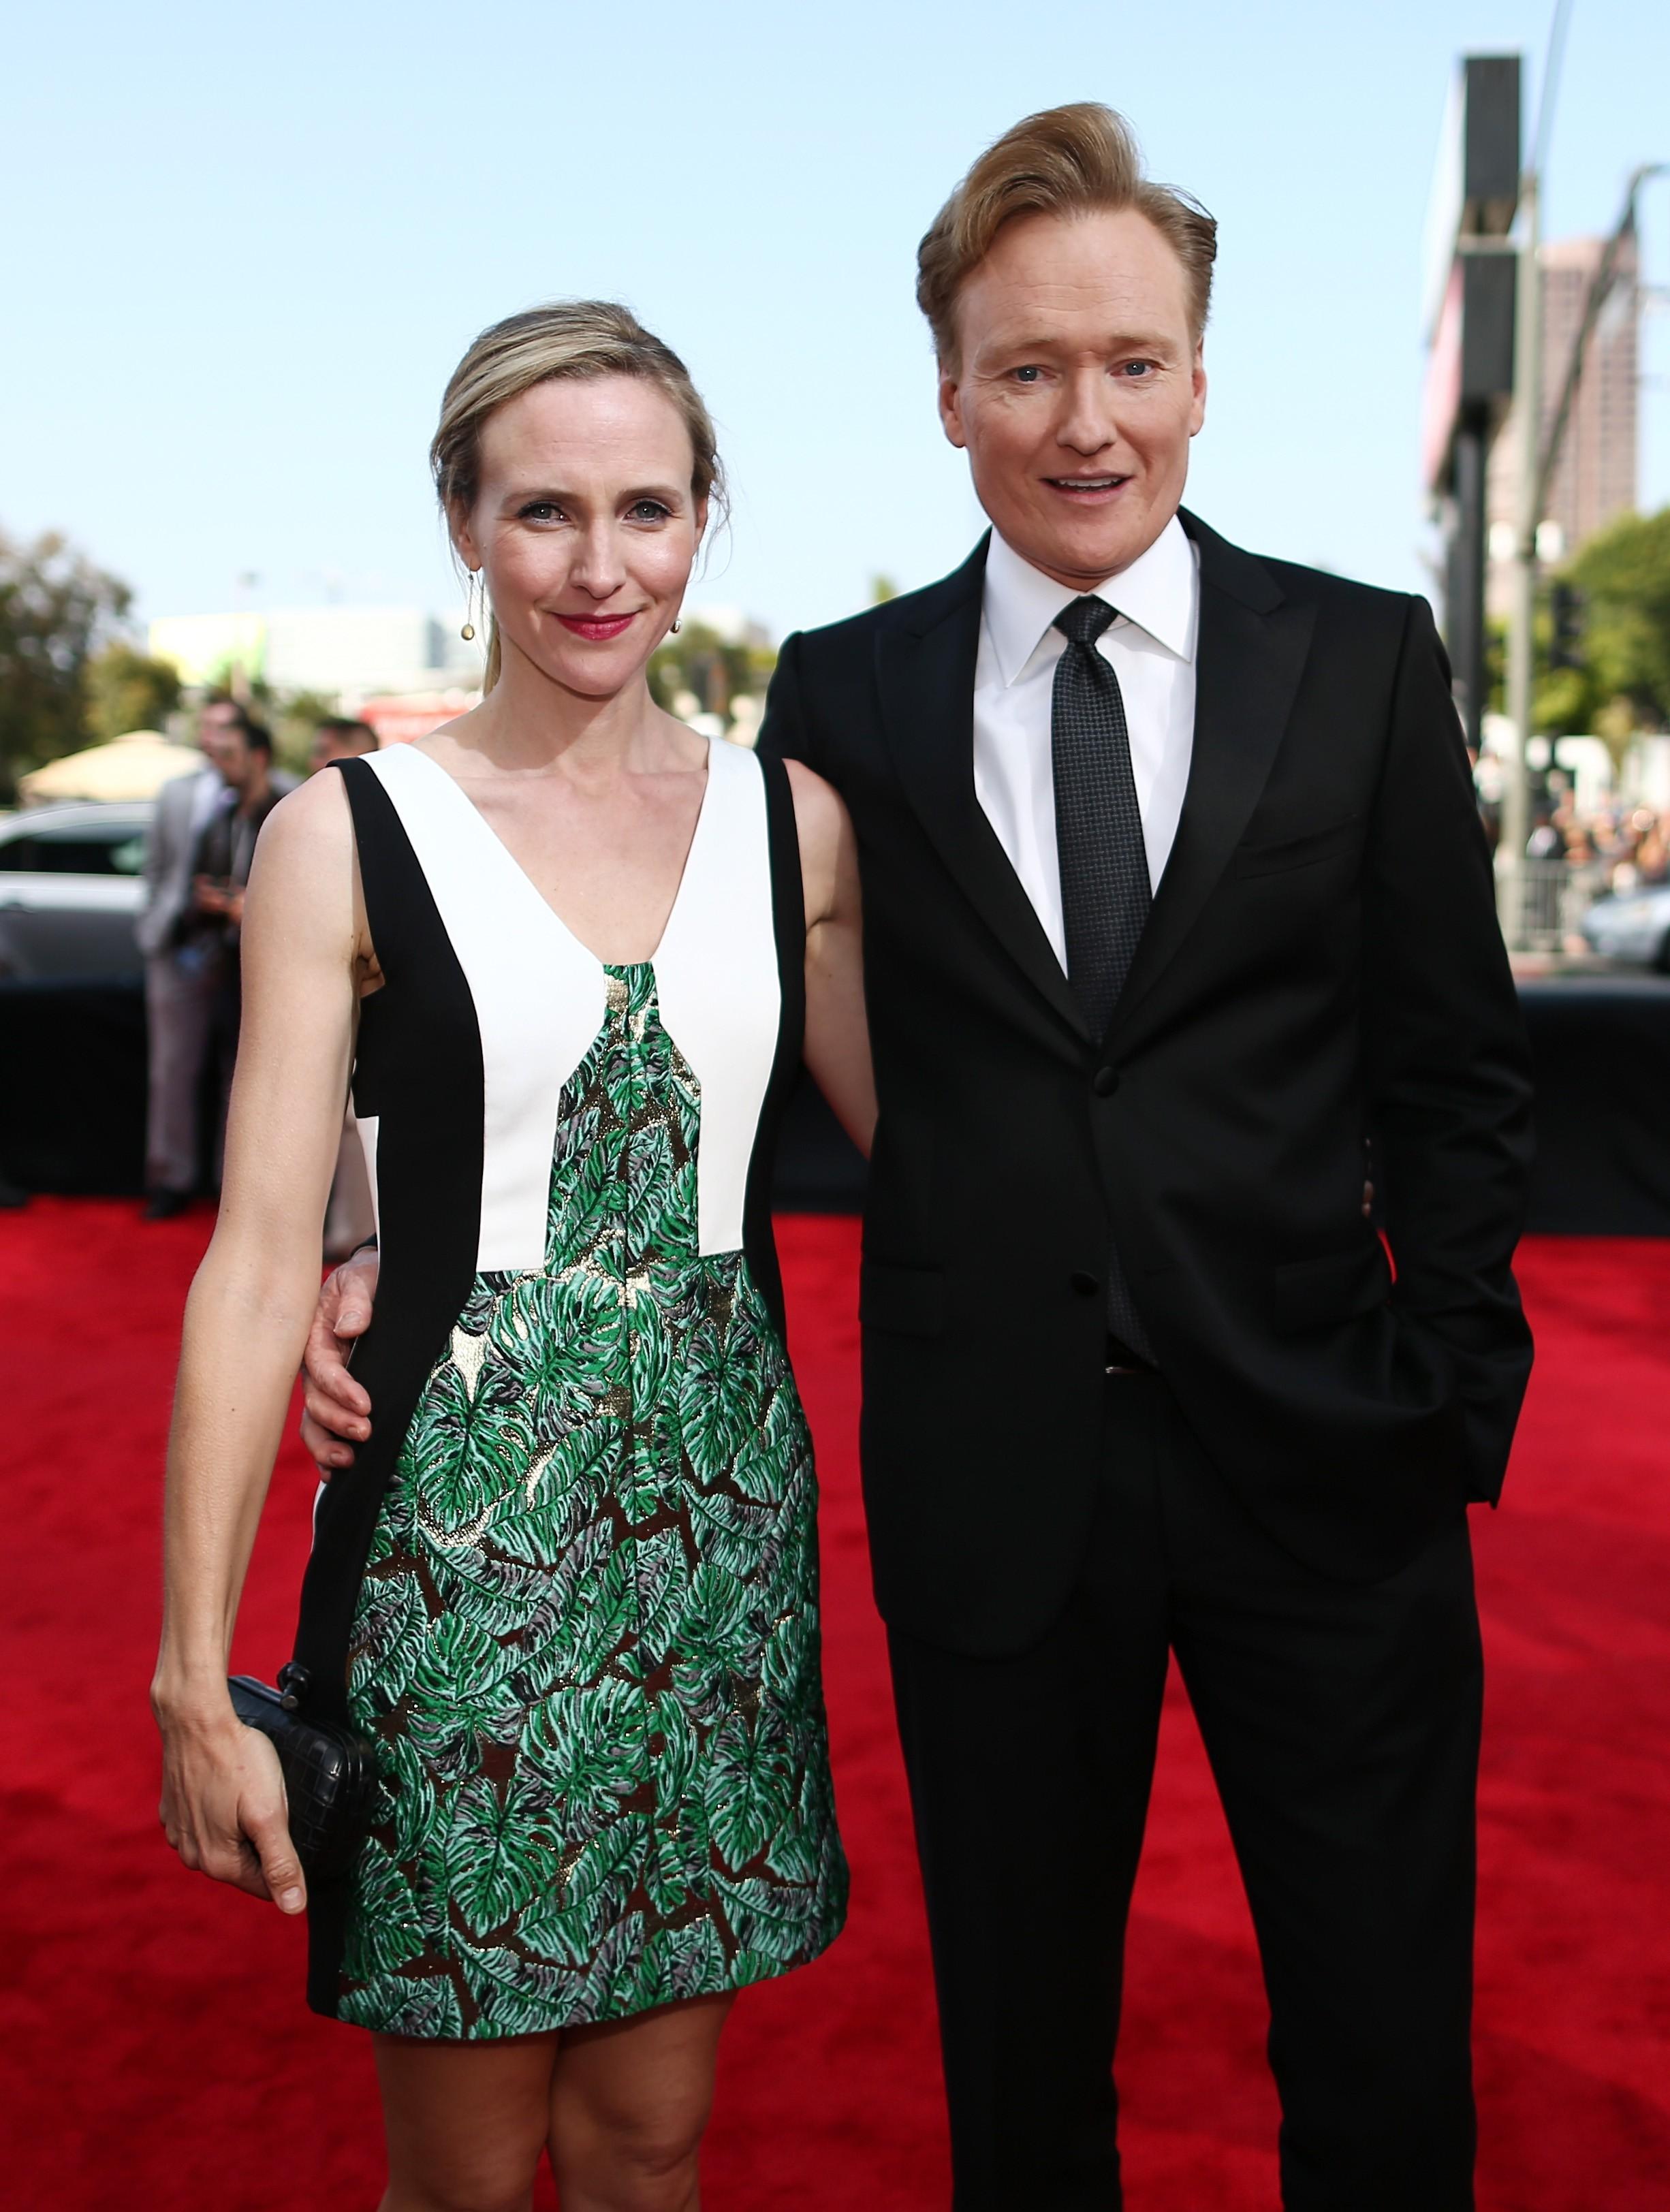 O apresentador de 'Late Night' apaixonou-se pela publicitária Liza Powel. A cerimônia de casamento aconteceu em 2002 e da união veio dois filhos. (Foto: Getty Images)